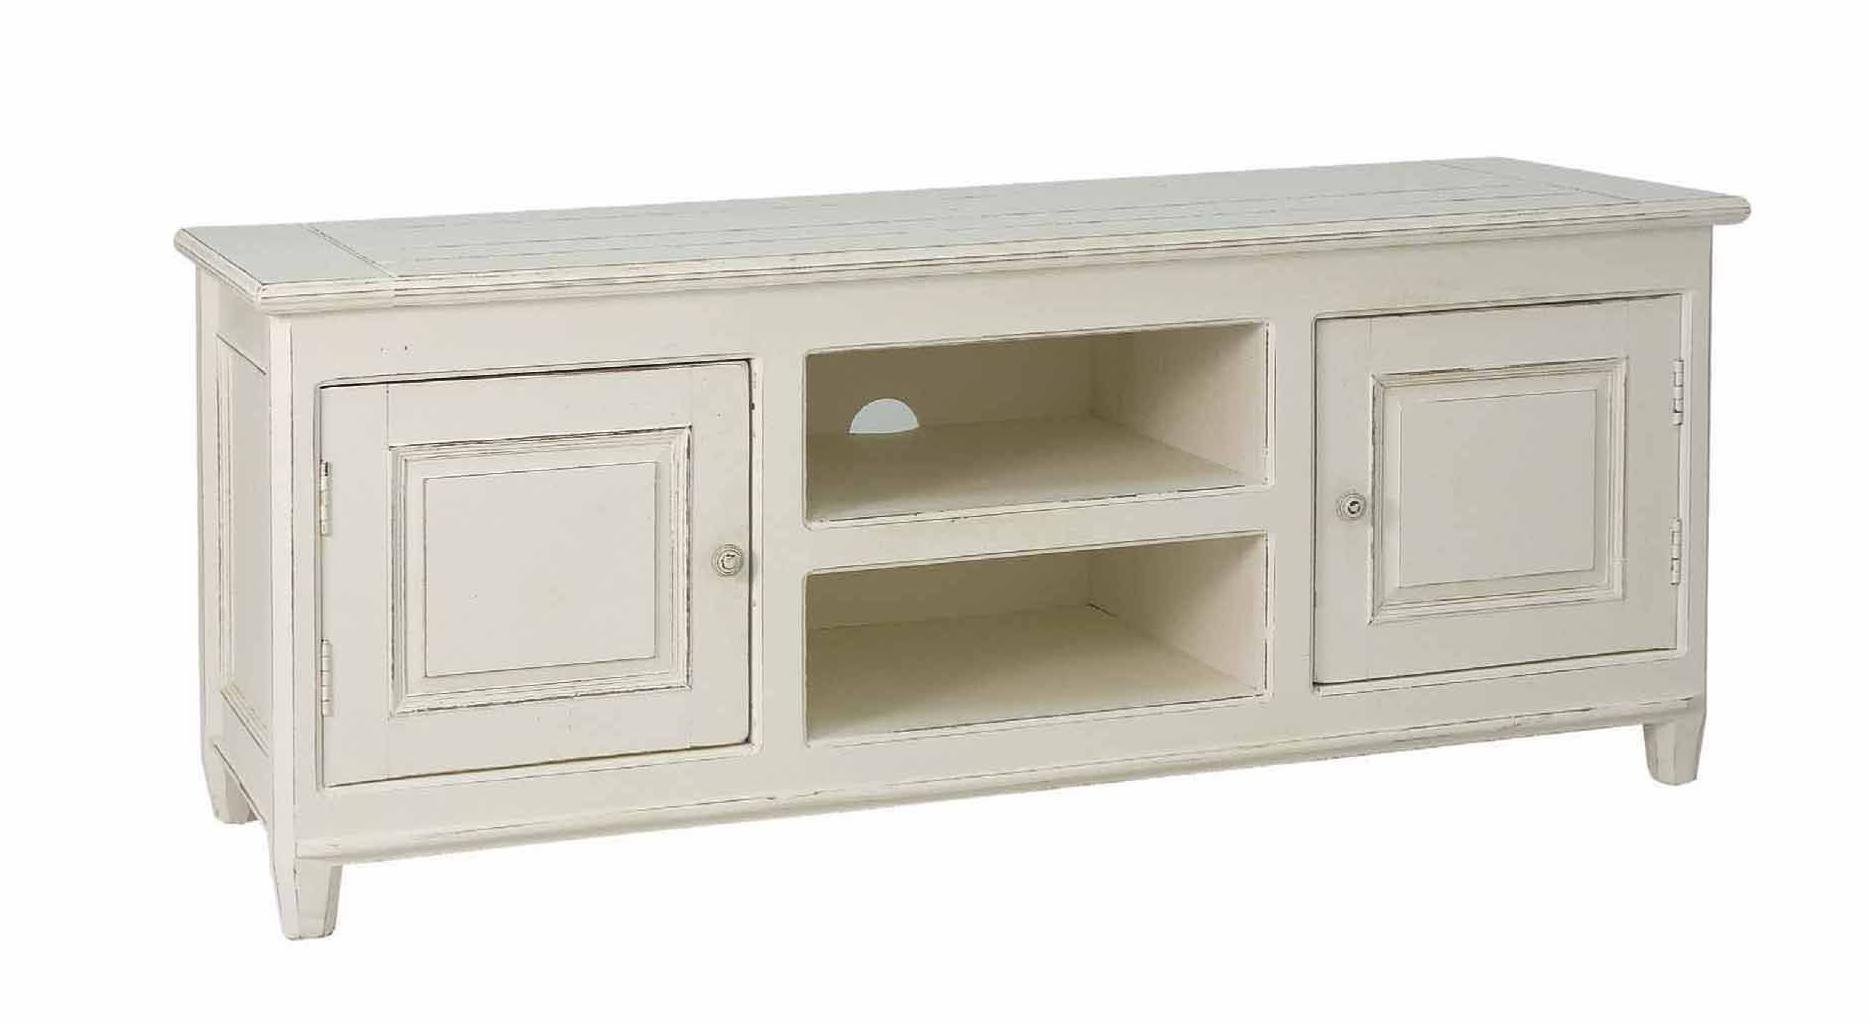 Mueble tv blanco envejecido cat logo de ste odile decoraci n - Muebles blanco envejecido ...